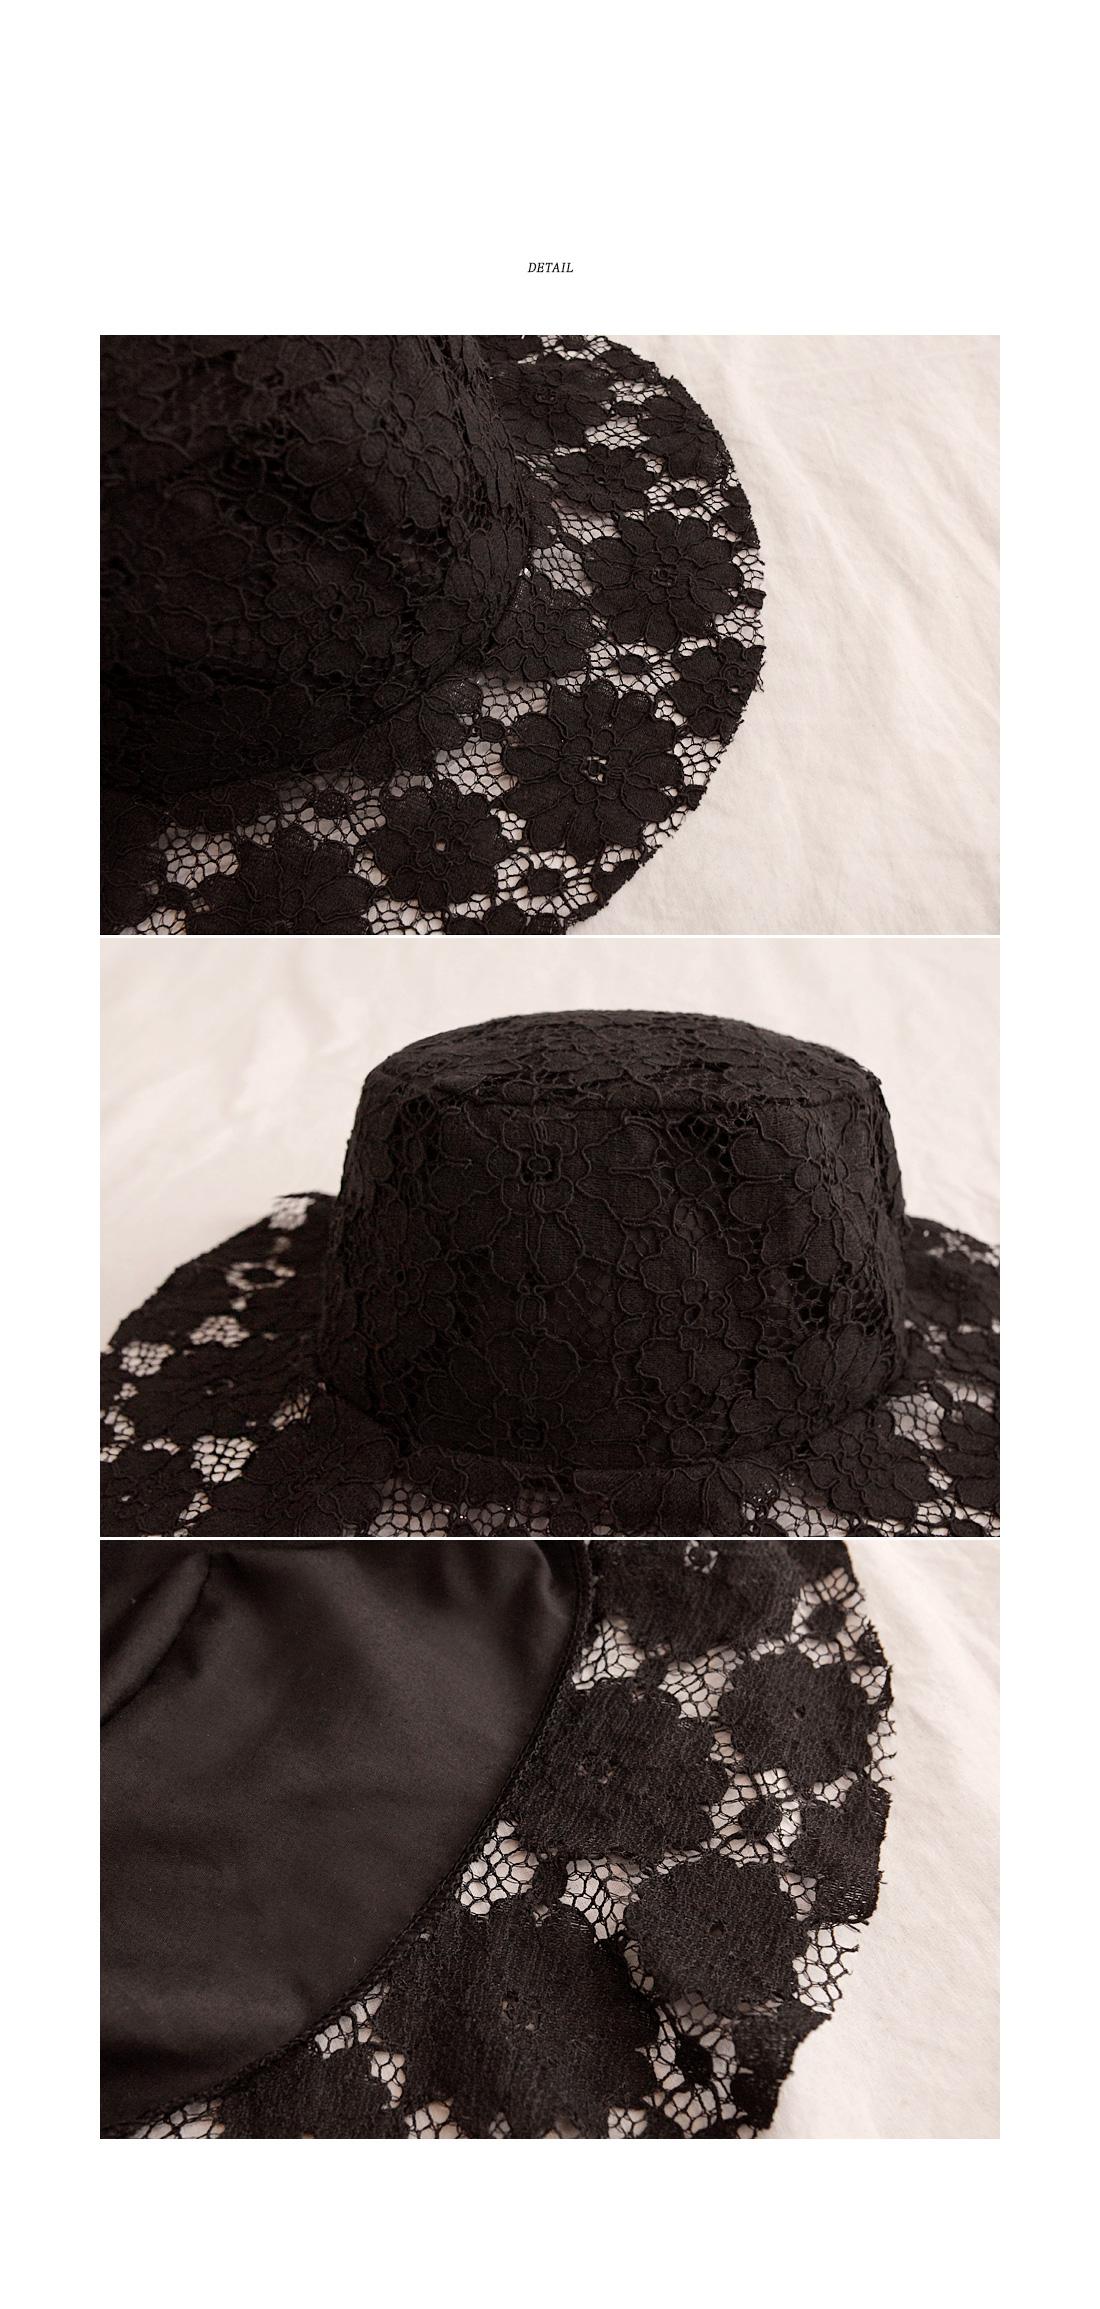 DELLE FLOWER LACE BUCKET HAT